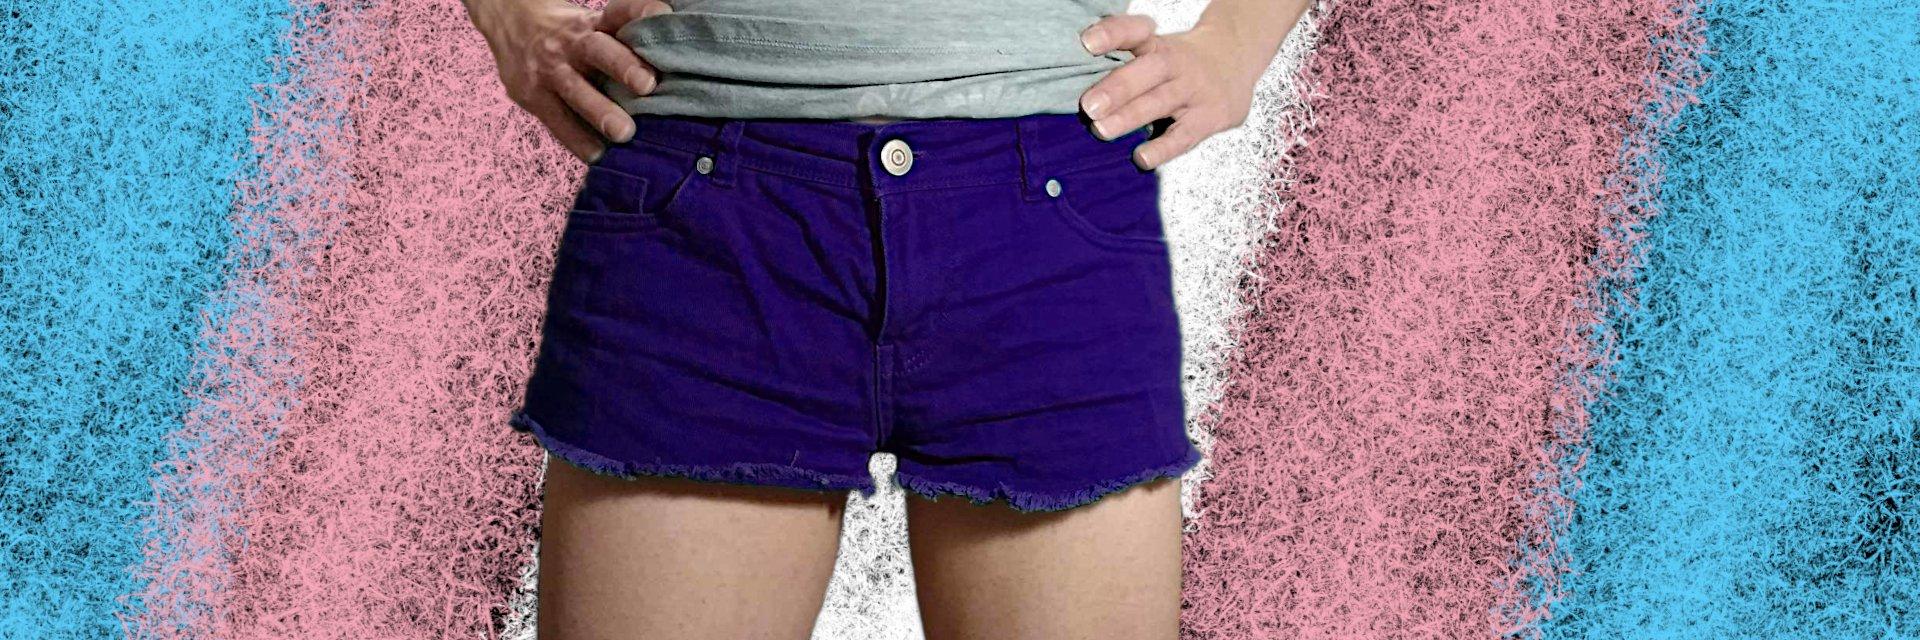 Tucking - jak pozbyć się wypukłości w kroku - kobieta w szortach